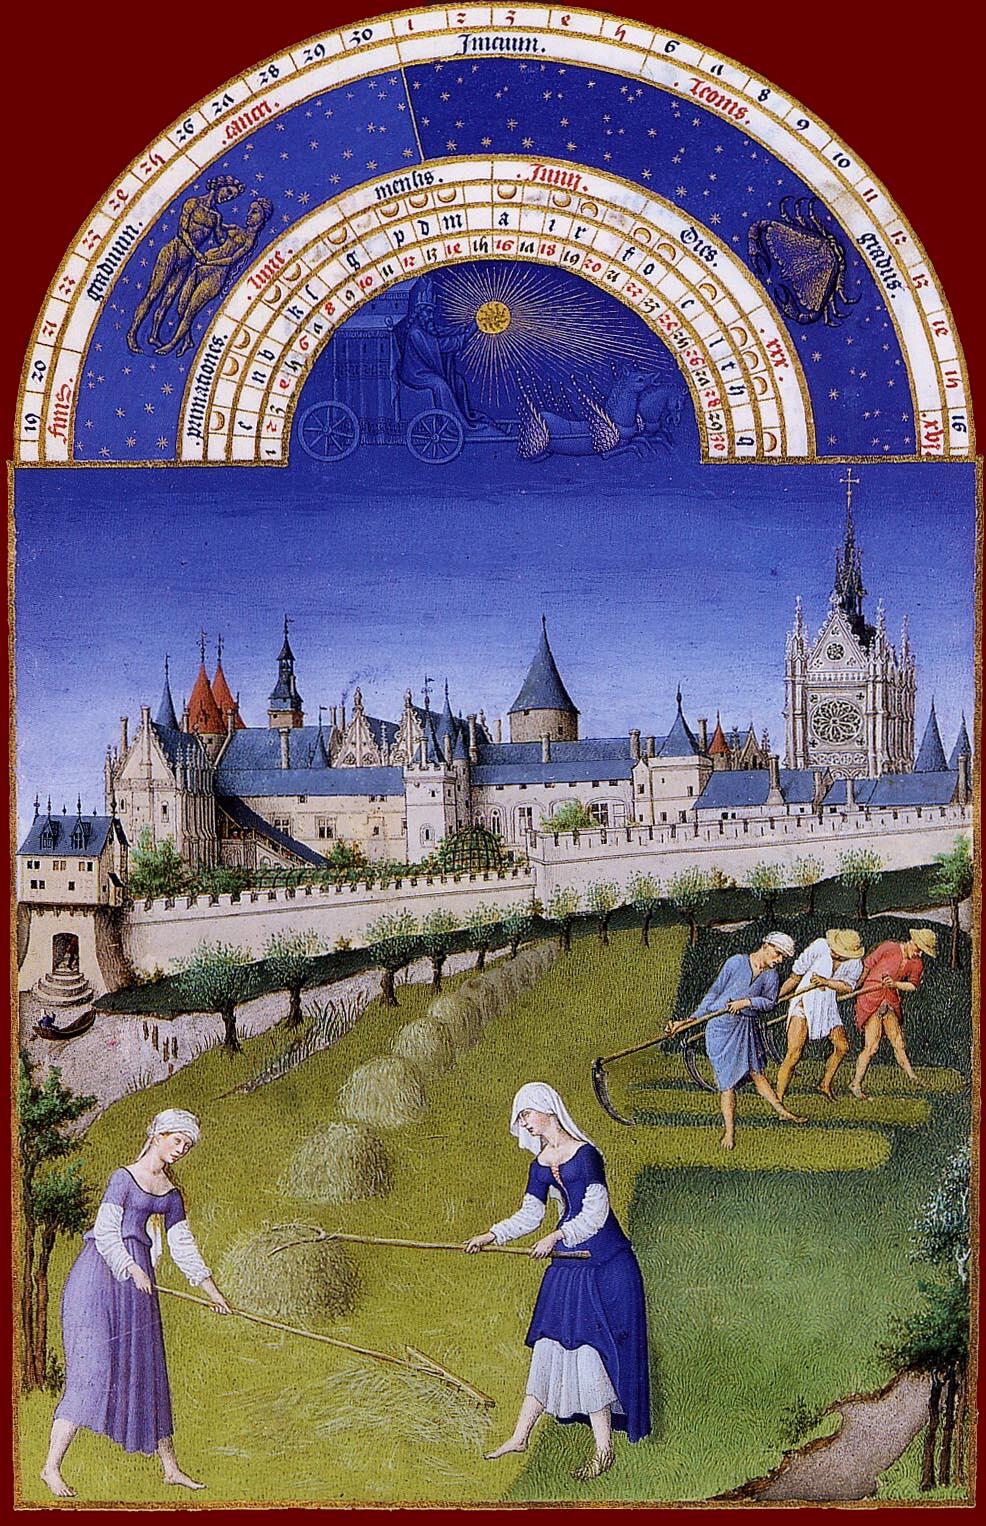 Les Très Riches Heures du duc de Berry, le mois de juin (enluminure des frères de Limbourg, XVe siècle, musée Condé, Chantilly)